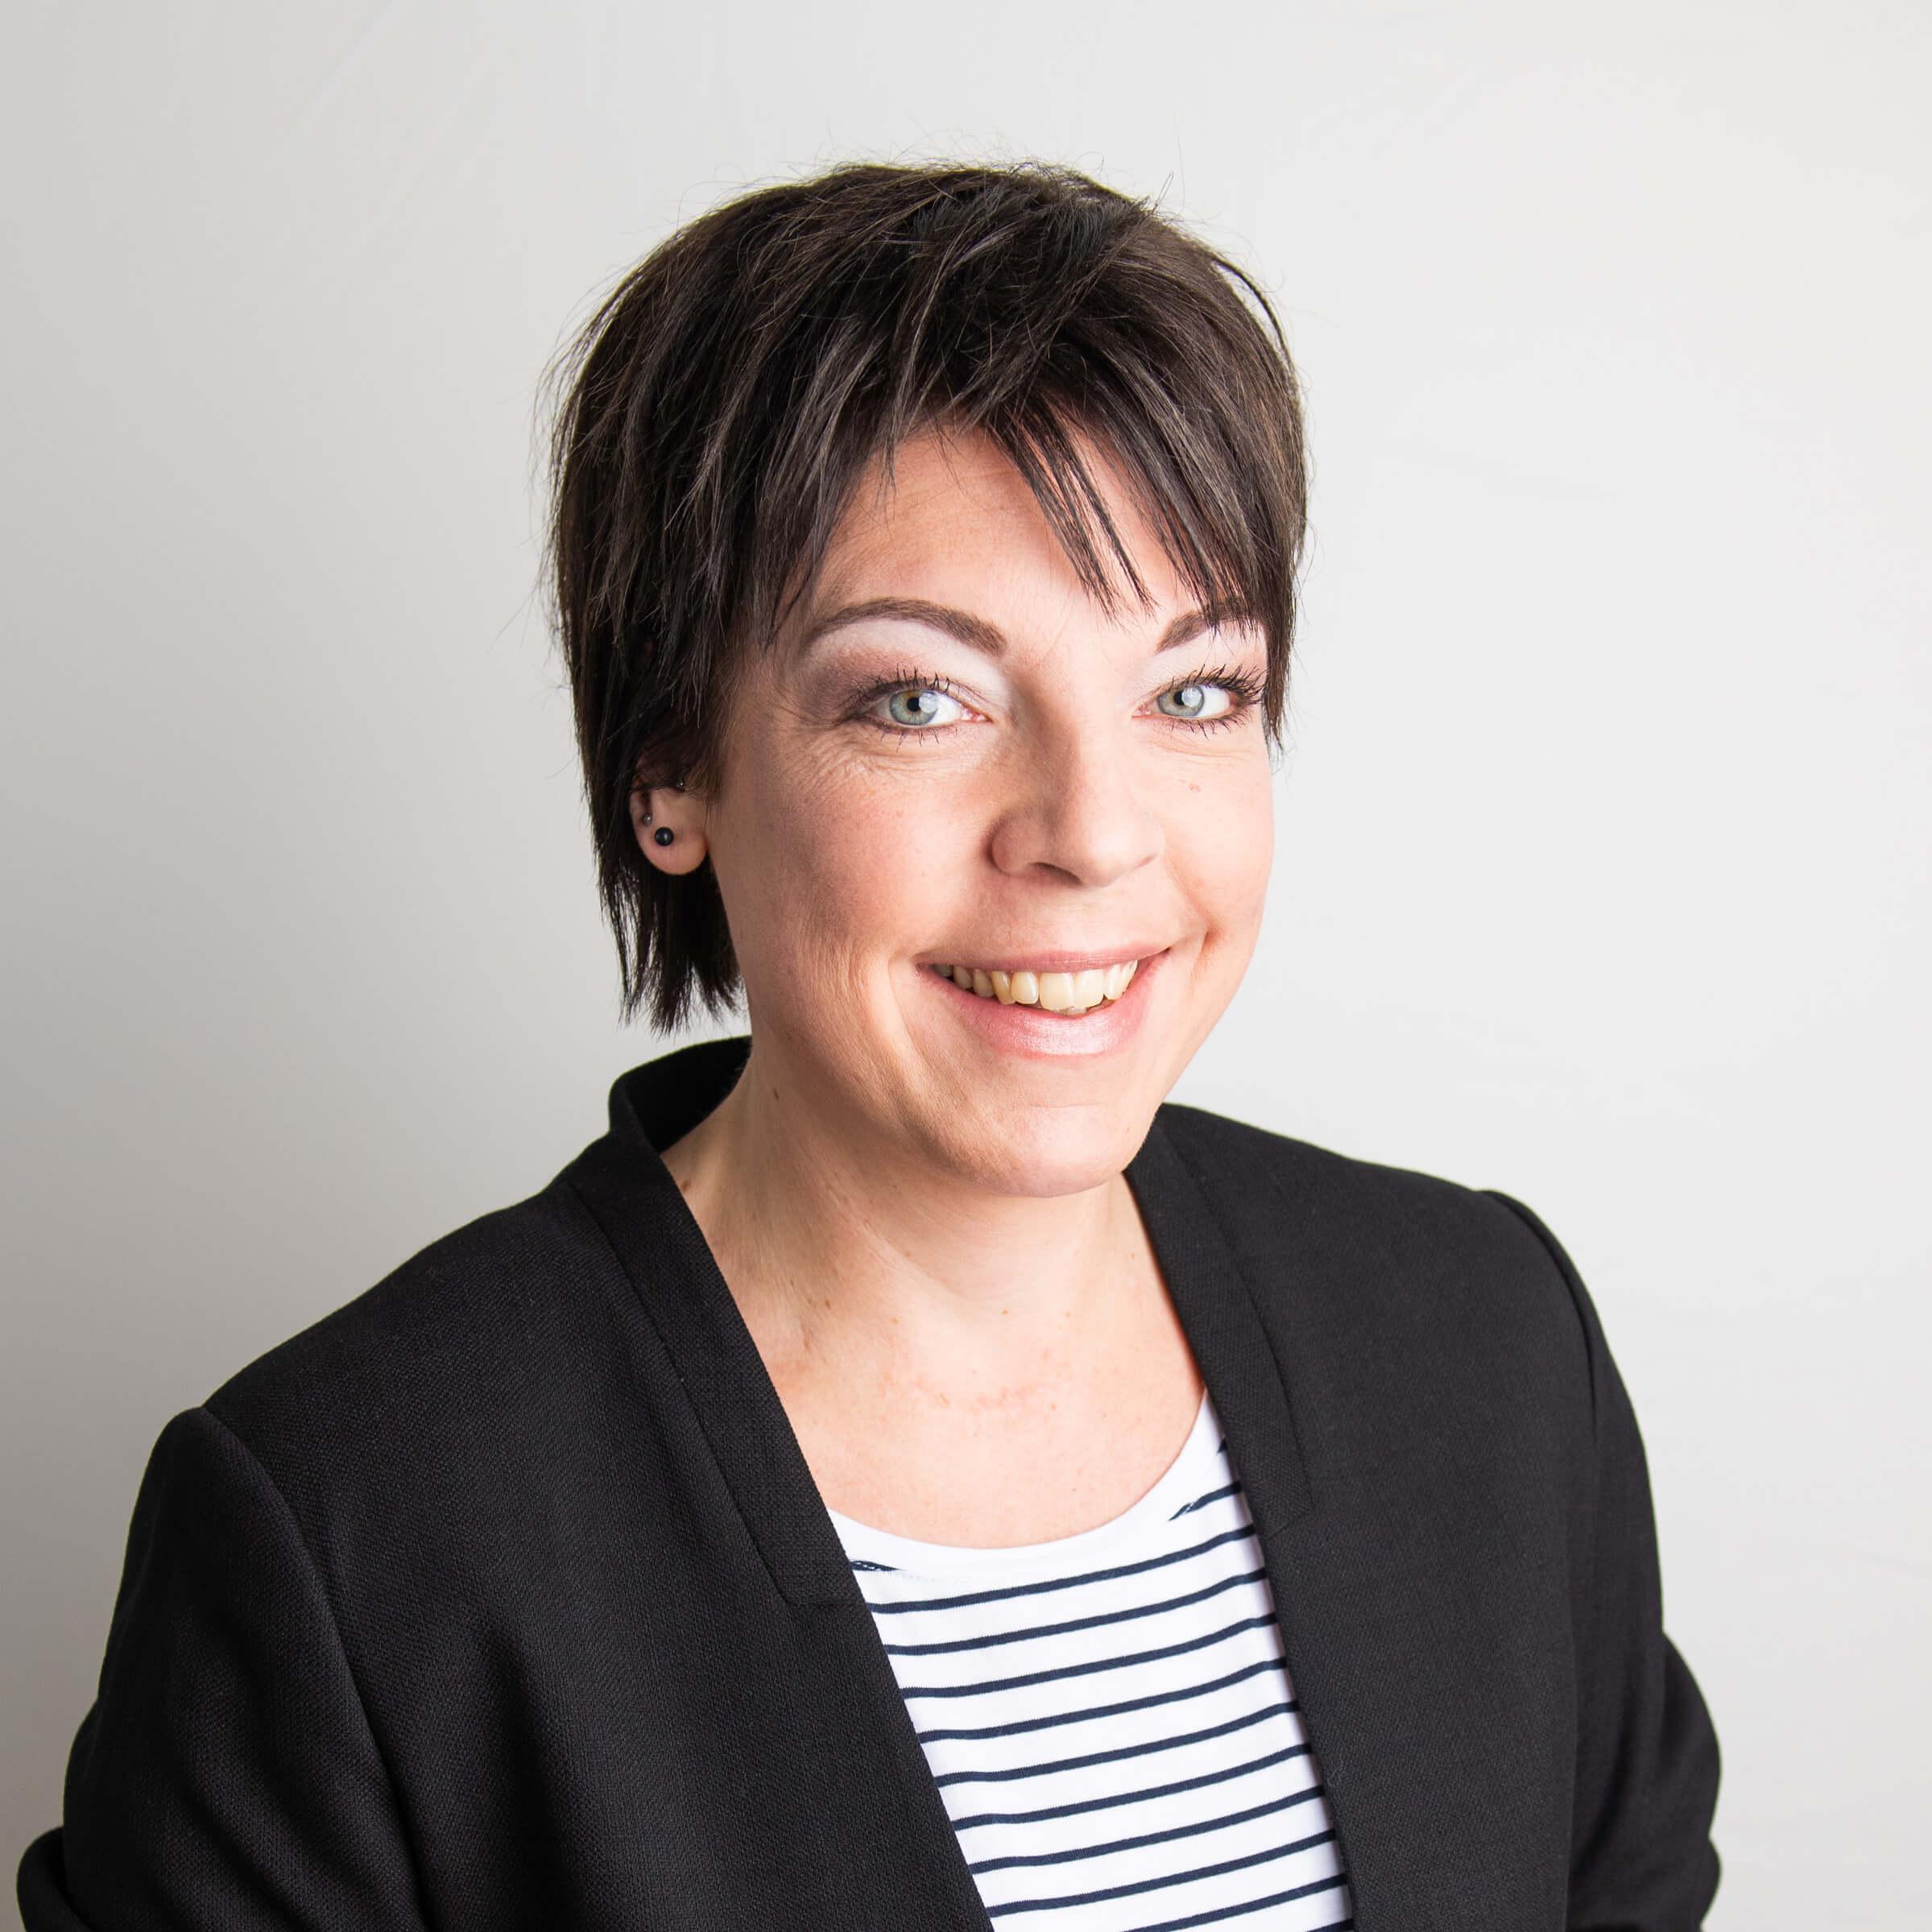 https://www.haar-werk.ch/wp-content/uploads/2020/12/Angela-Thiebaud.jpg